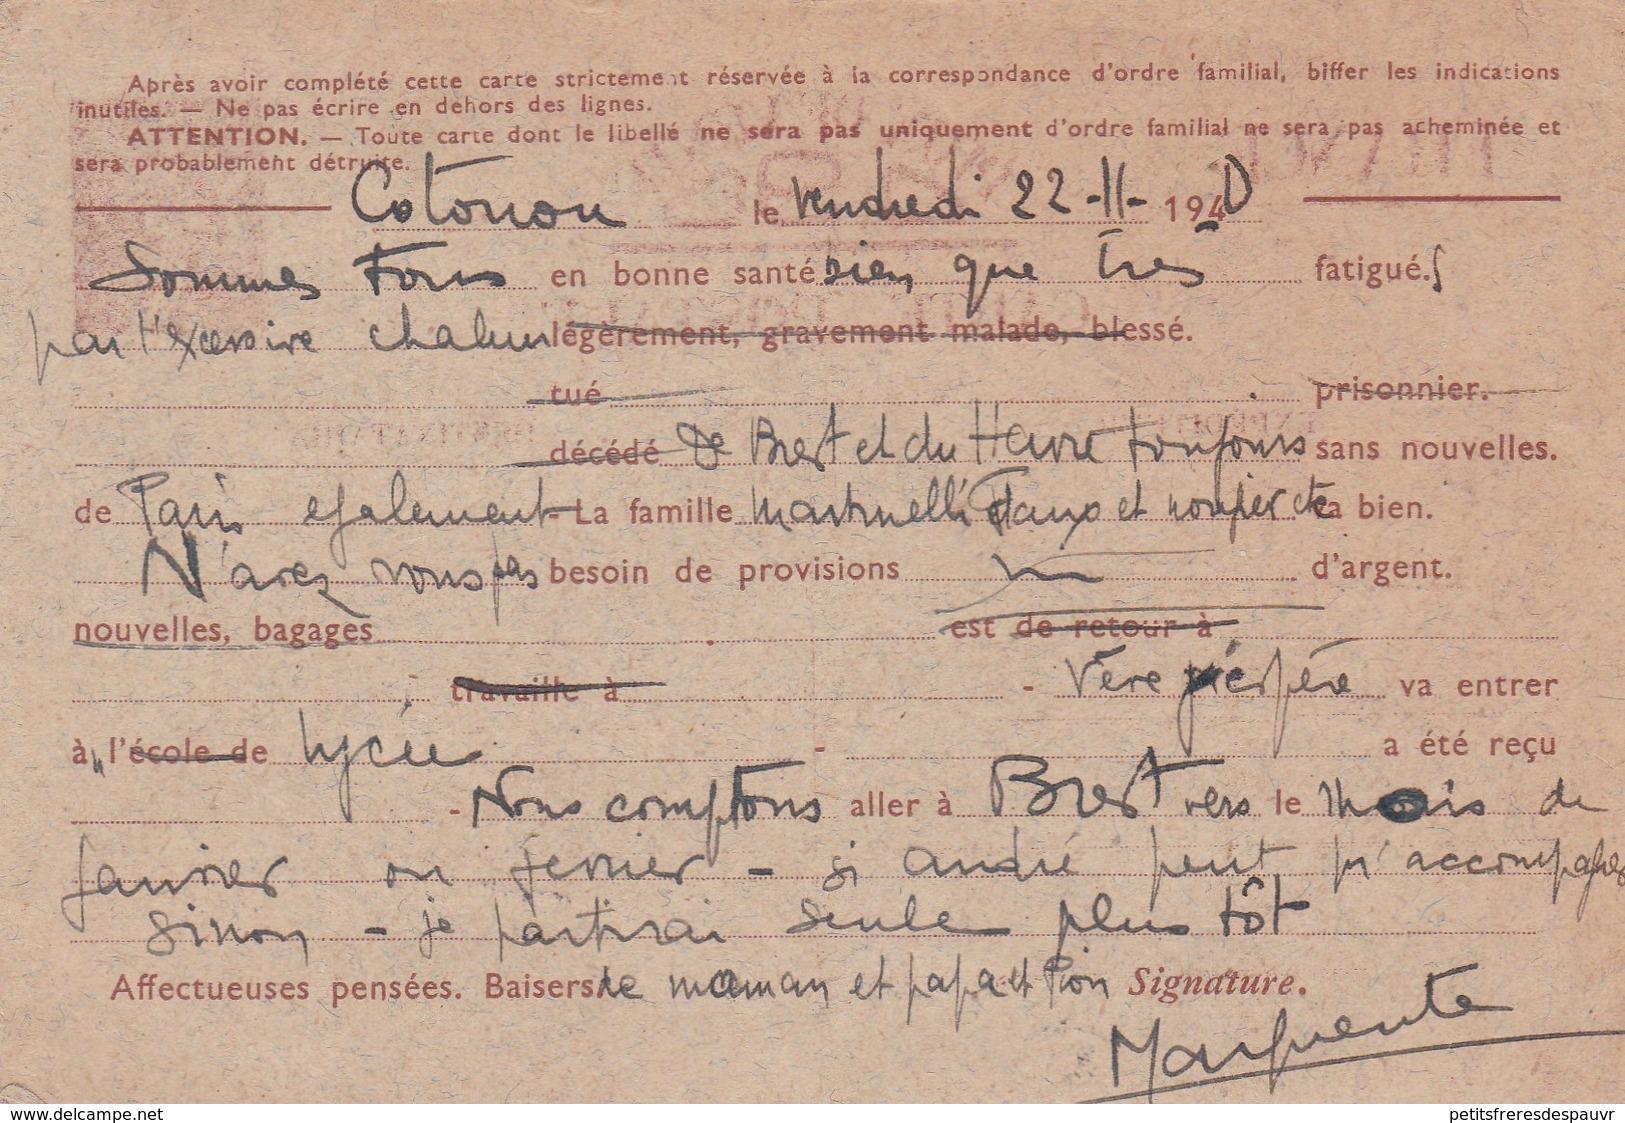 Guerre 1940 CP Interzones Type Iris Sur Carton Gris Bleu H1B3 RARE UTILISATION A COTONOU Dahomey Censurée 22/11/1940 - Marcophilie (Lettres)